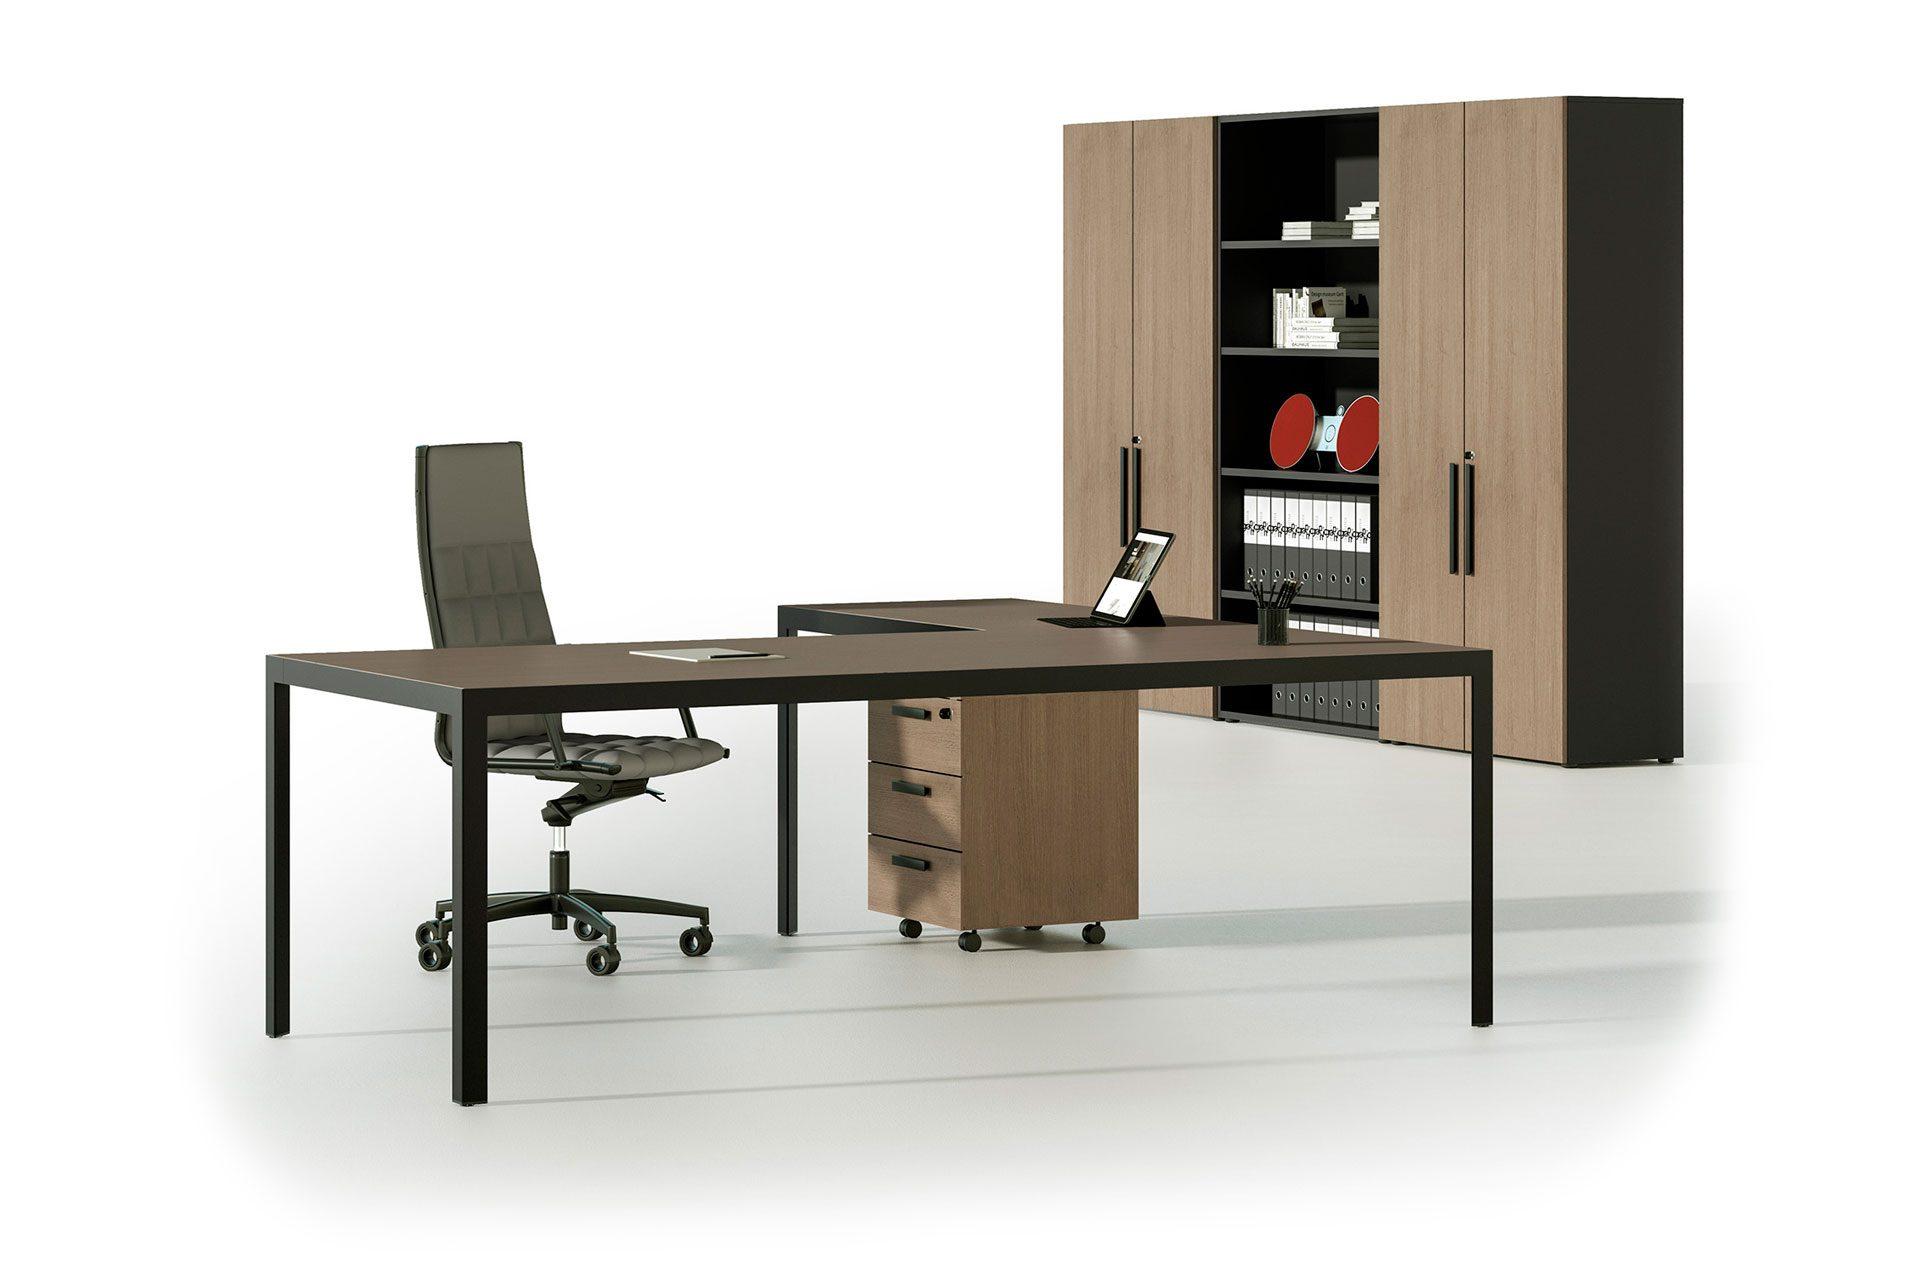 scrivania direzionale di design per l'ufficio